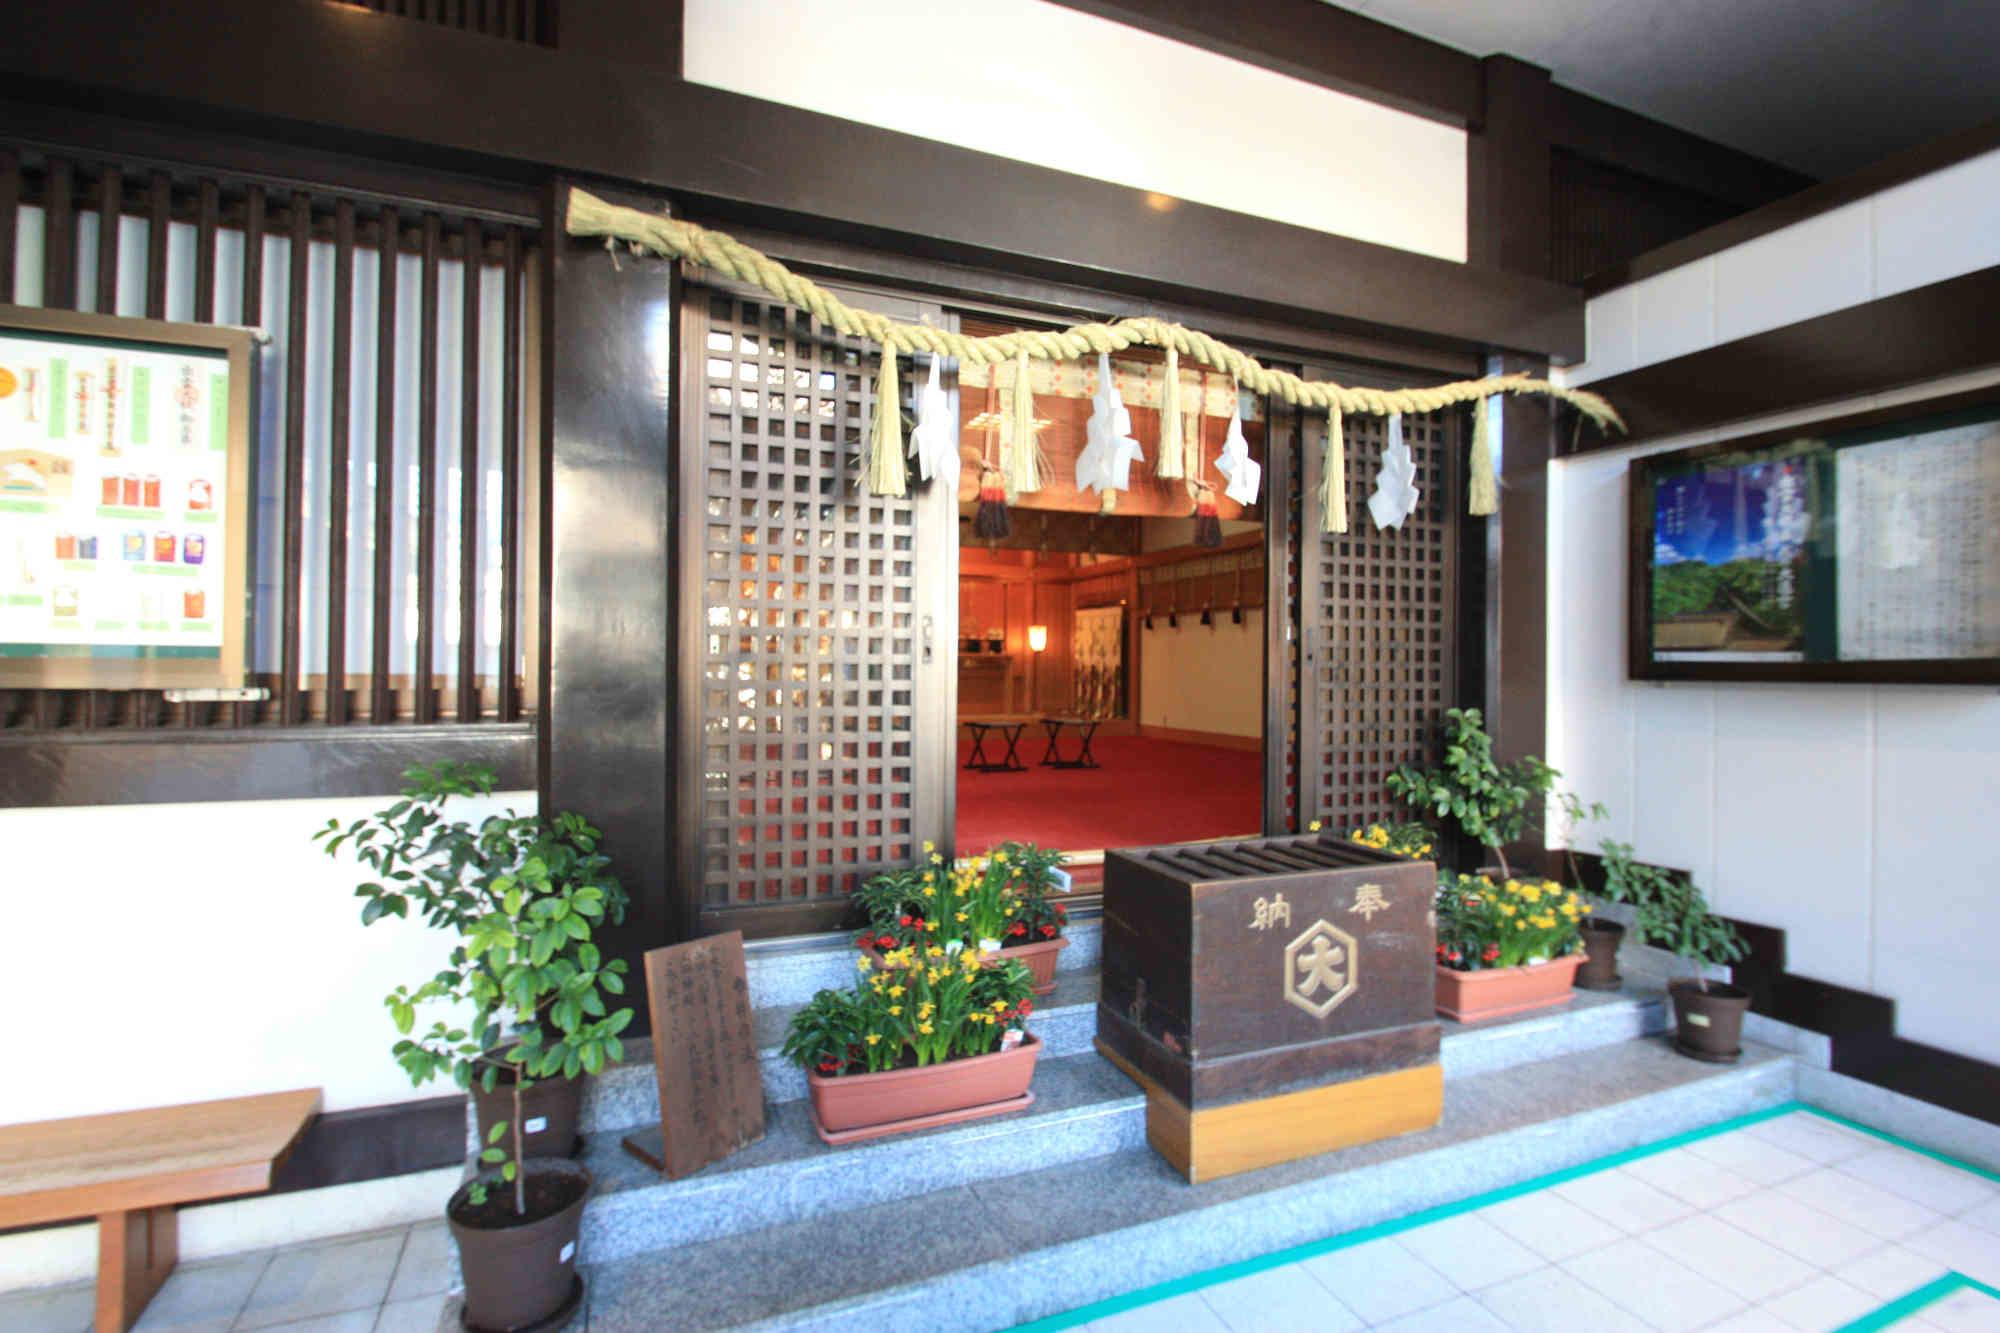 出雲大社東京分祀の拝殿(本殿)